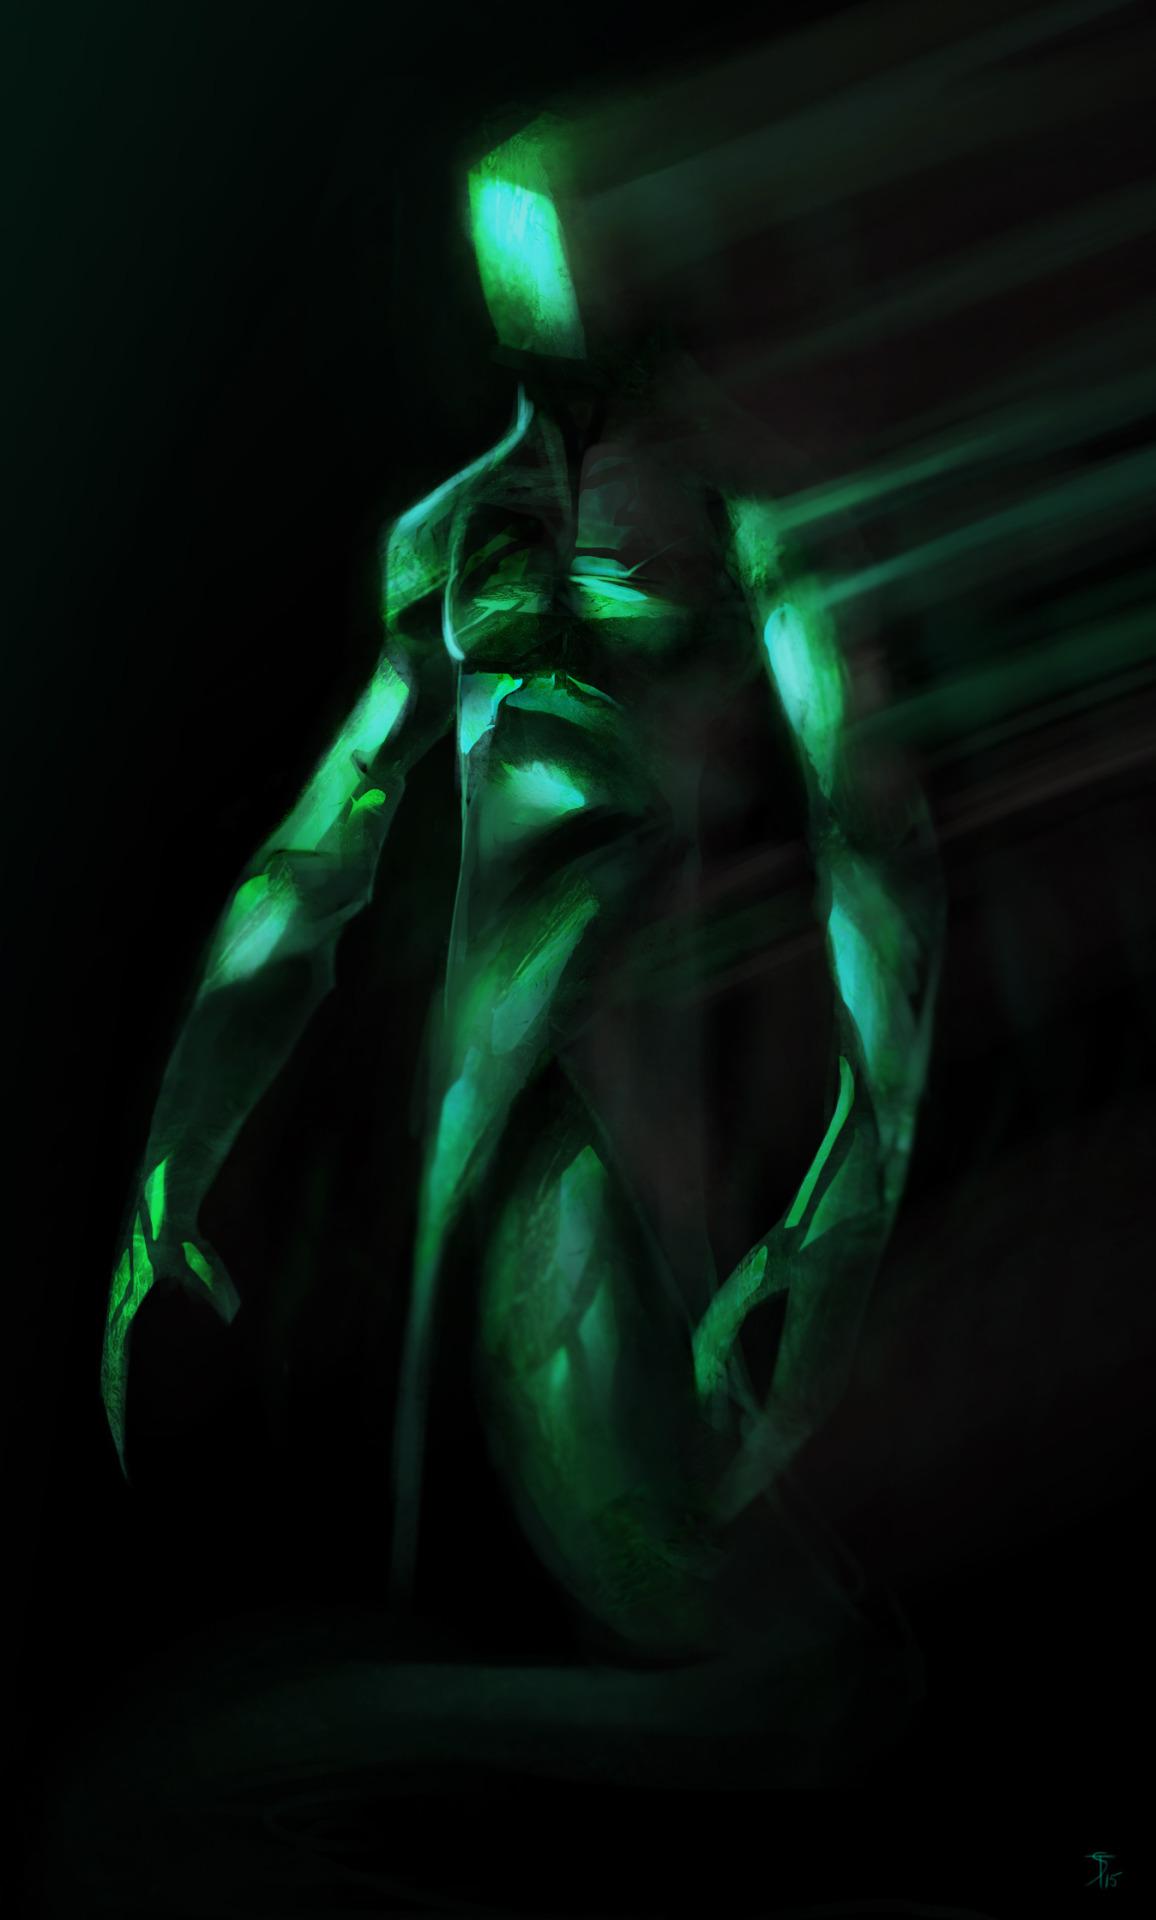 """the-murdellicious #42: """"Dragon, Emerald"""" - by Tuomas Salmela themurling.tumblr.com (2015) © dell'autore tutti i diritti riservati"""